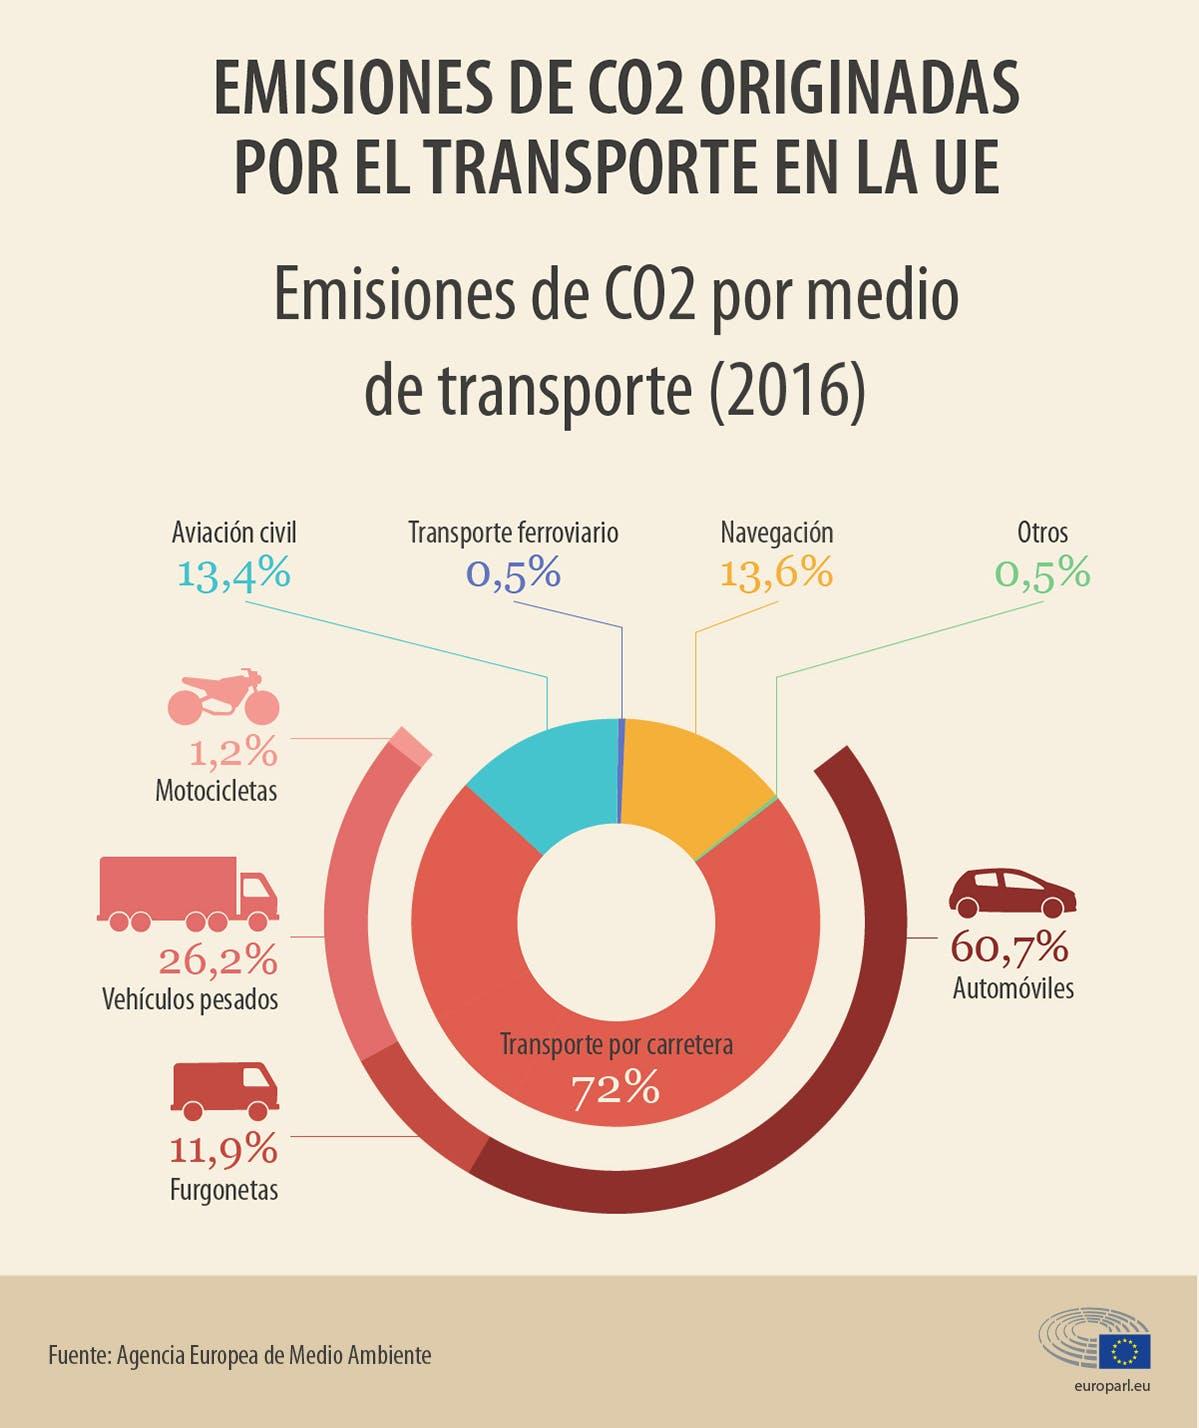 Infografía sobre emisiones de CO2 originadas por el transporte en la UE (Agencia Europea de Medio Ambiente)